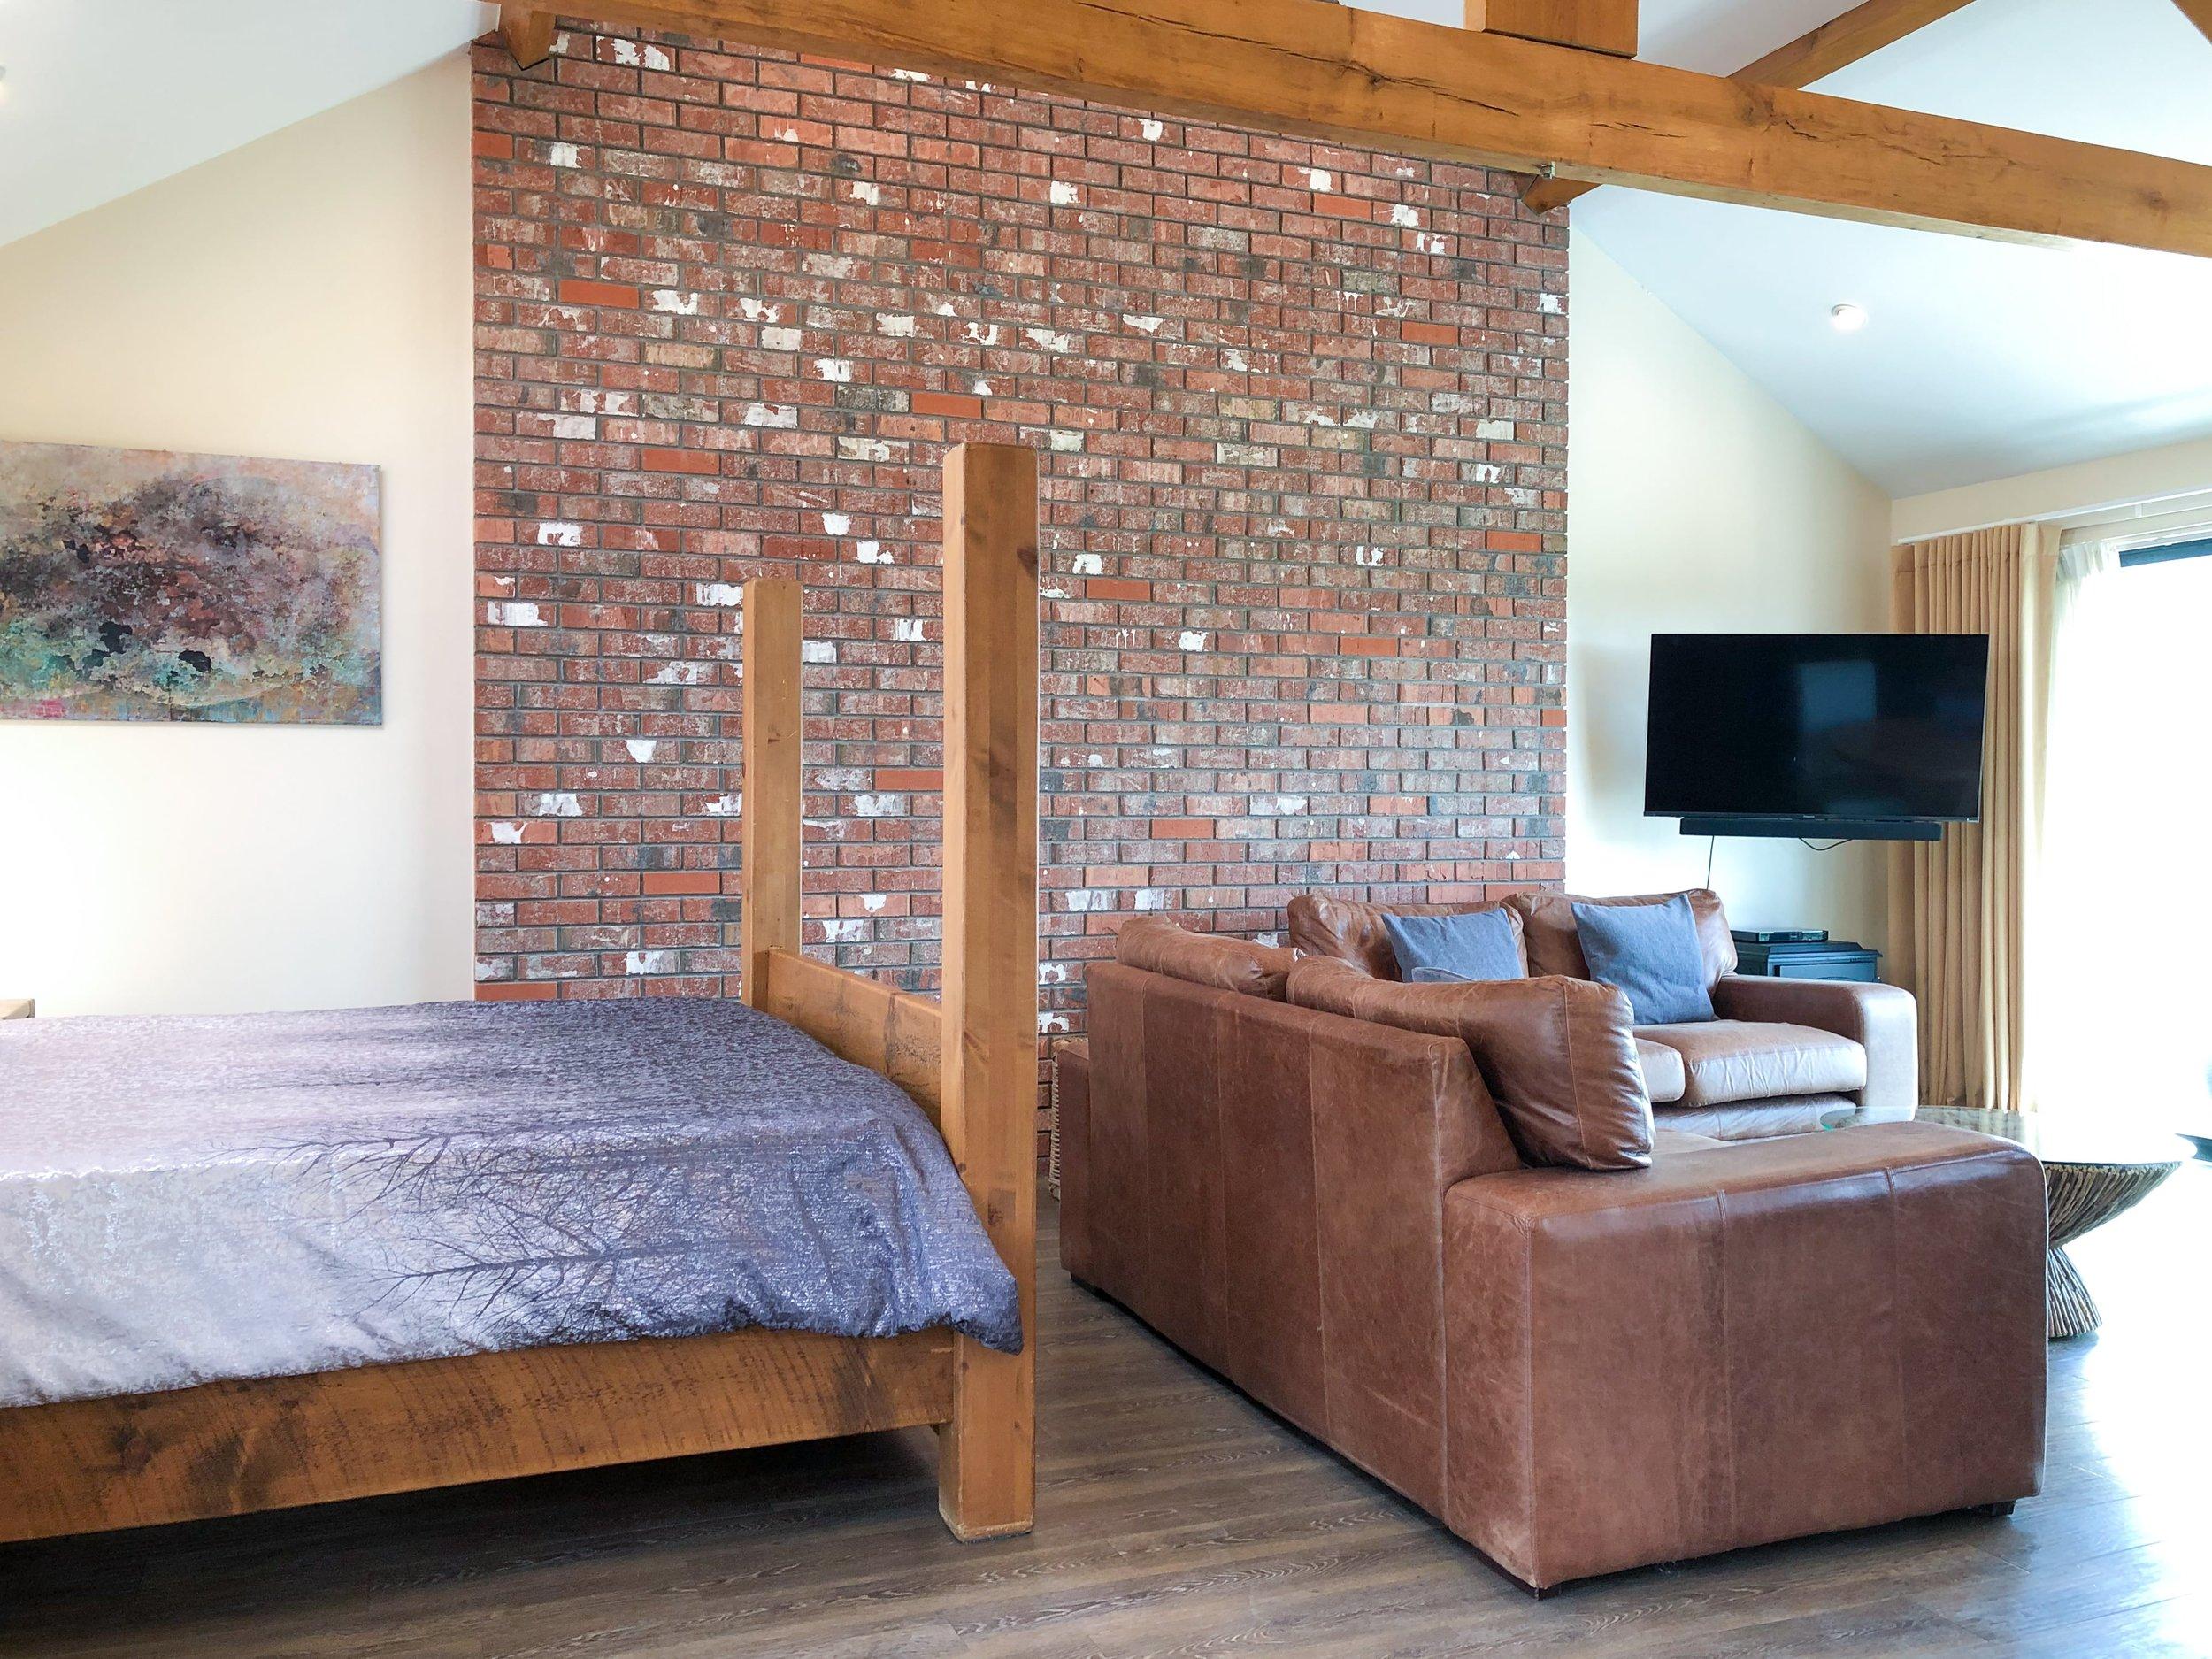 Romantic open plan bedroom area